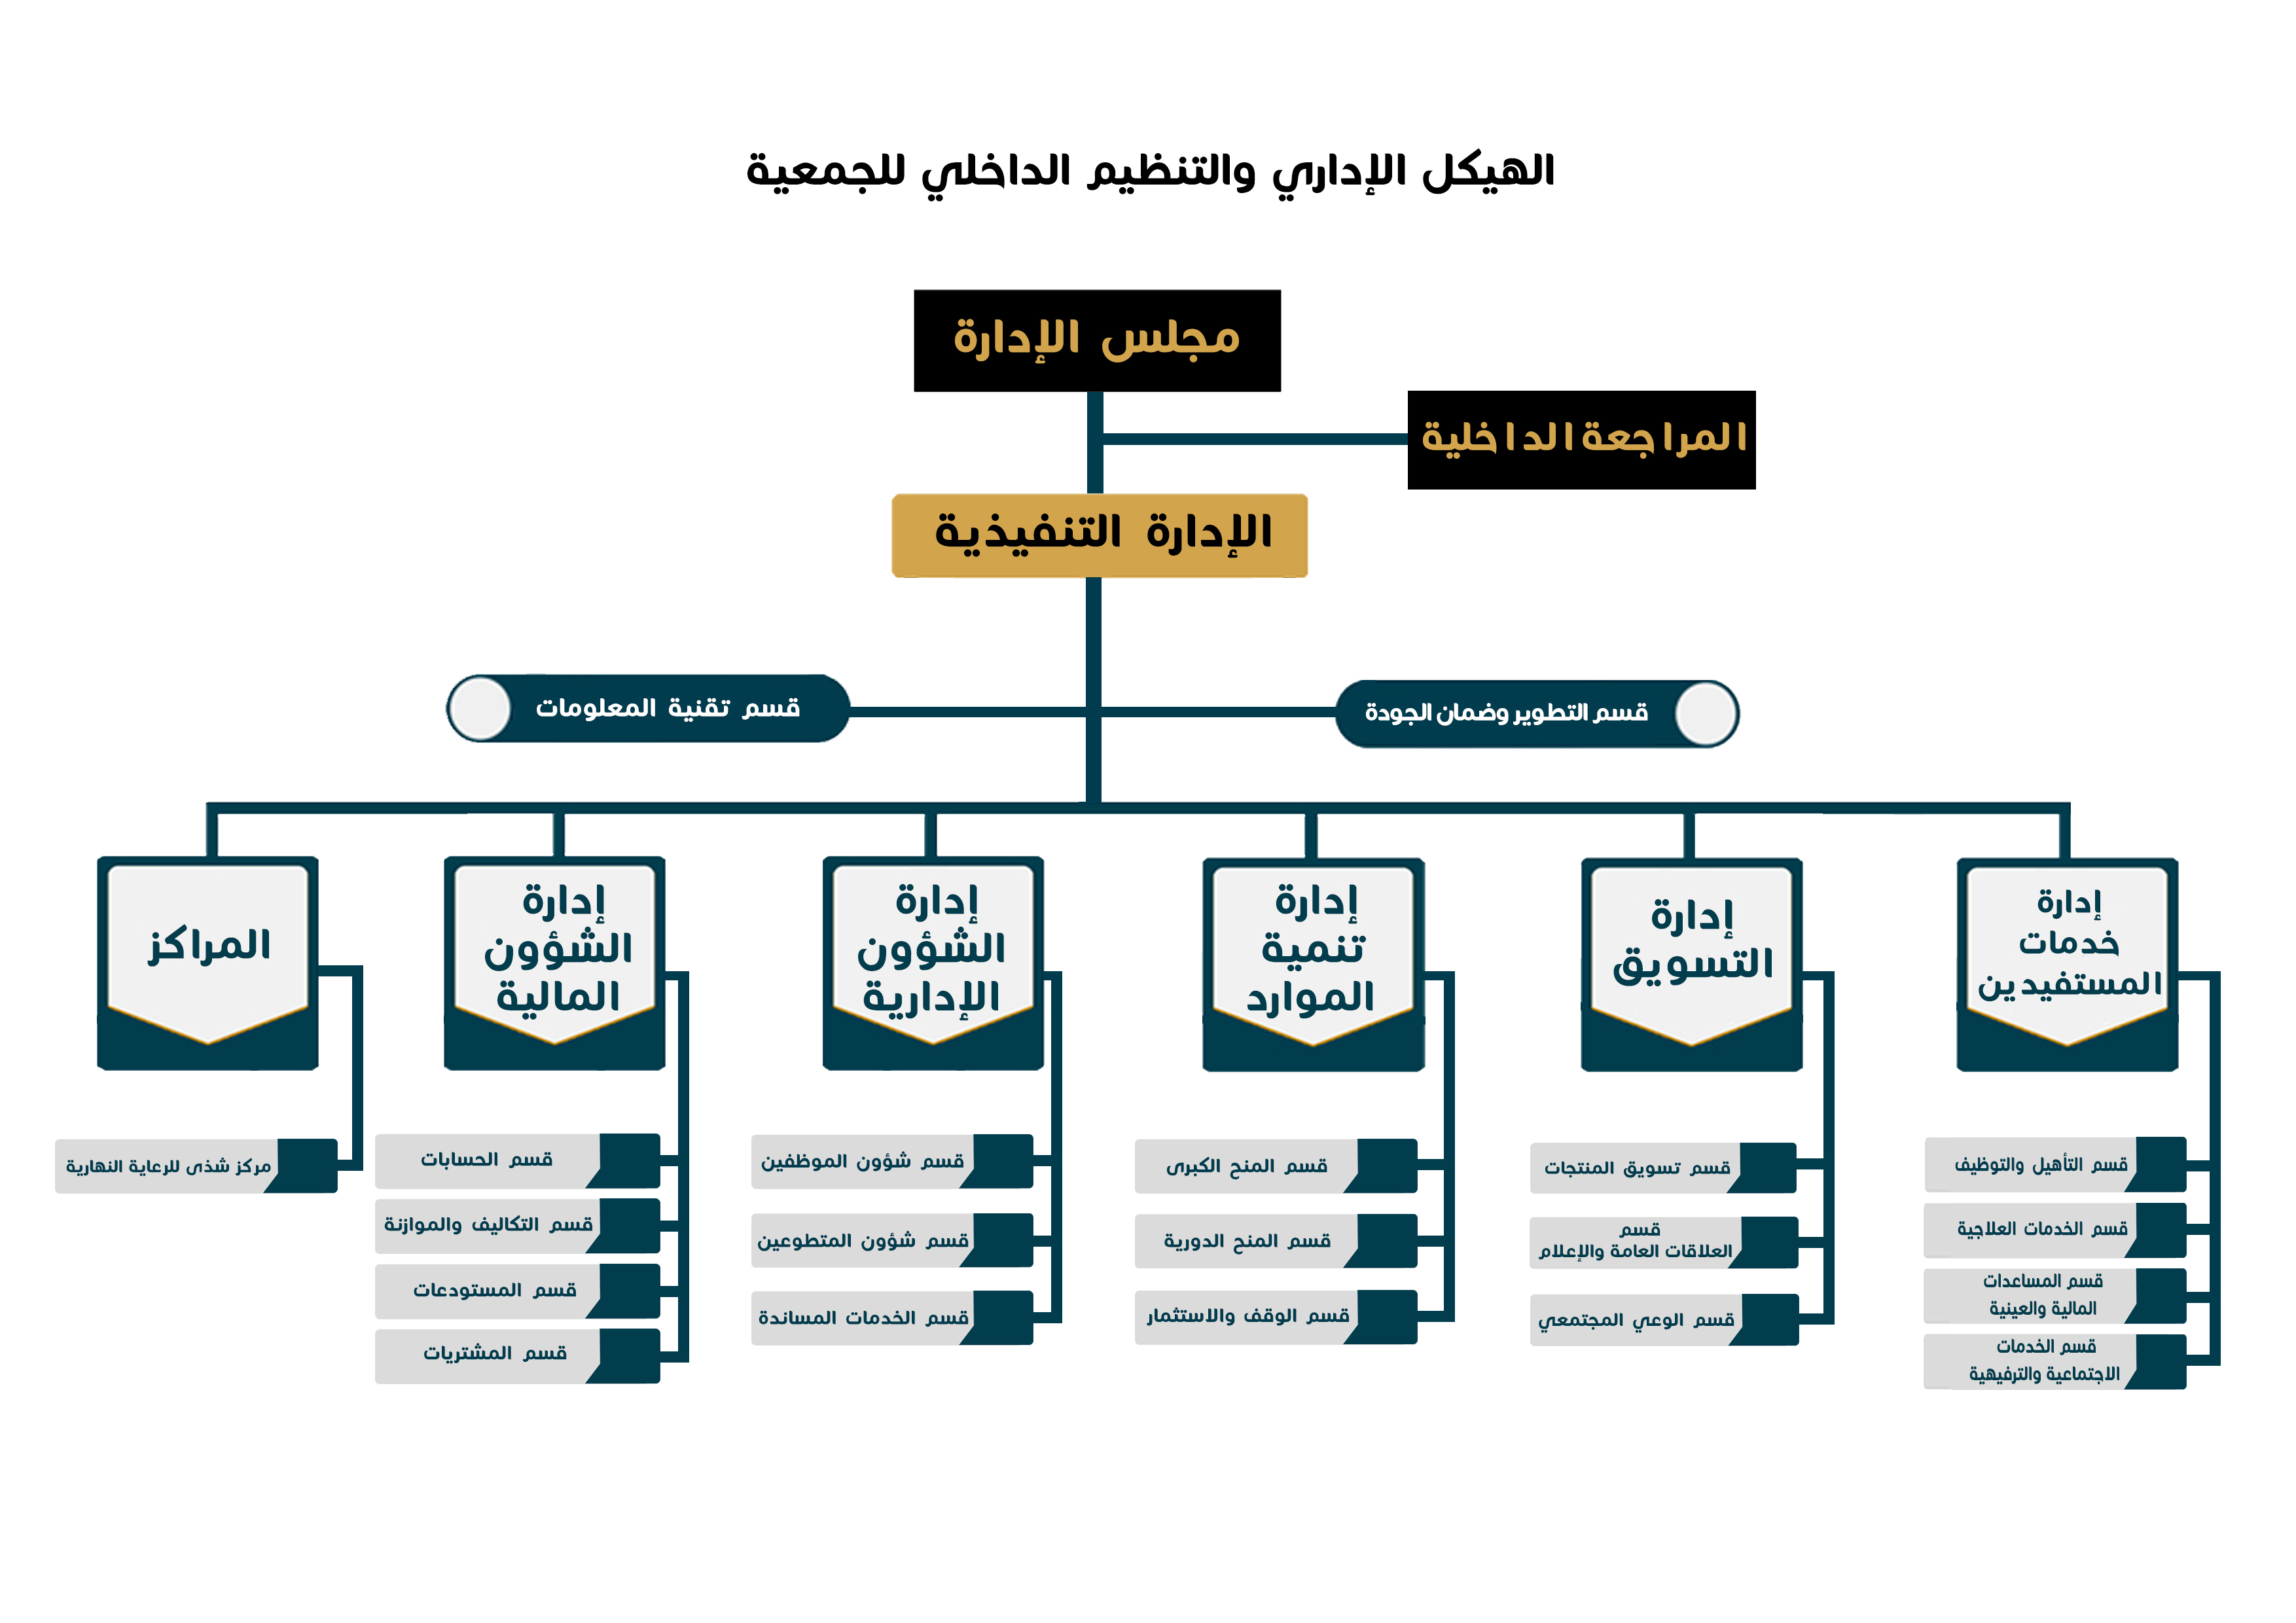 نموذج هيكل تنظيمي